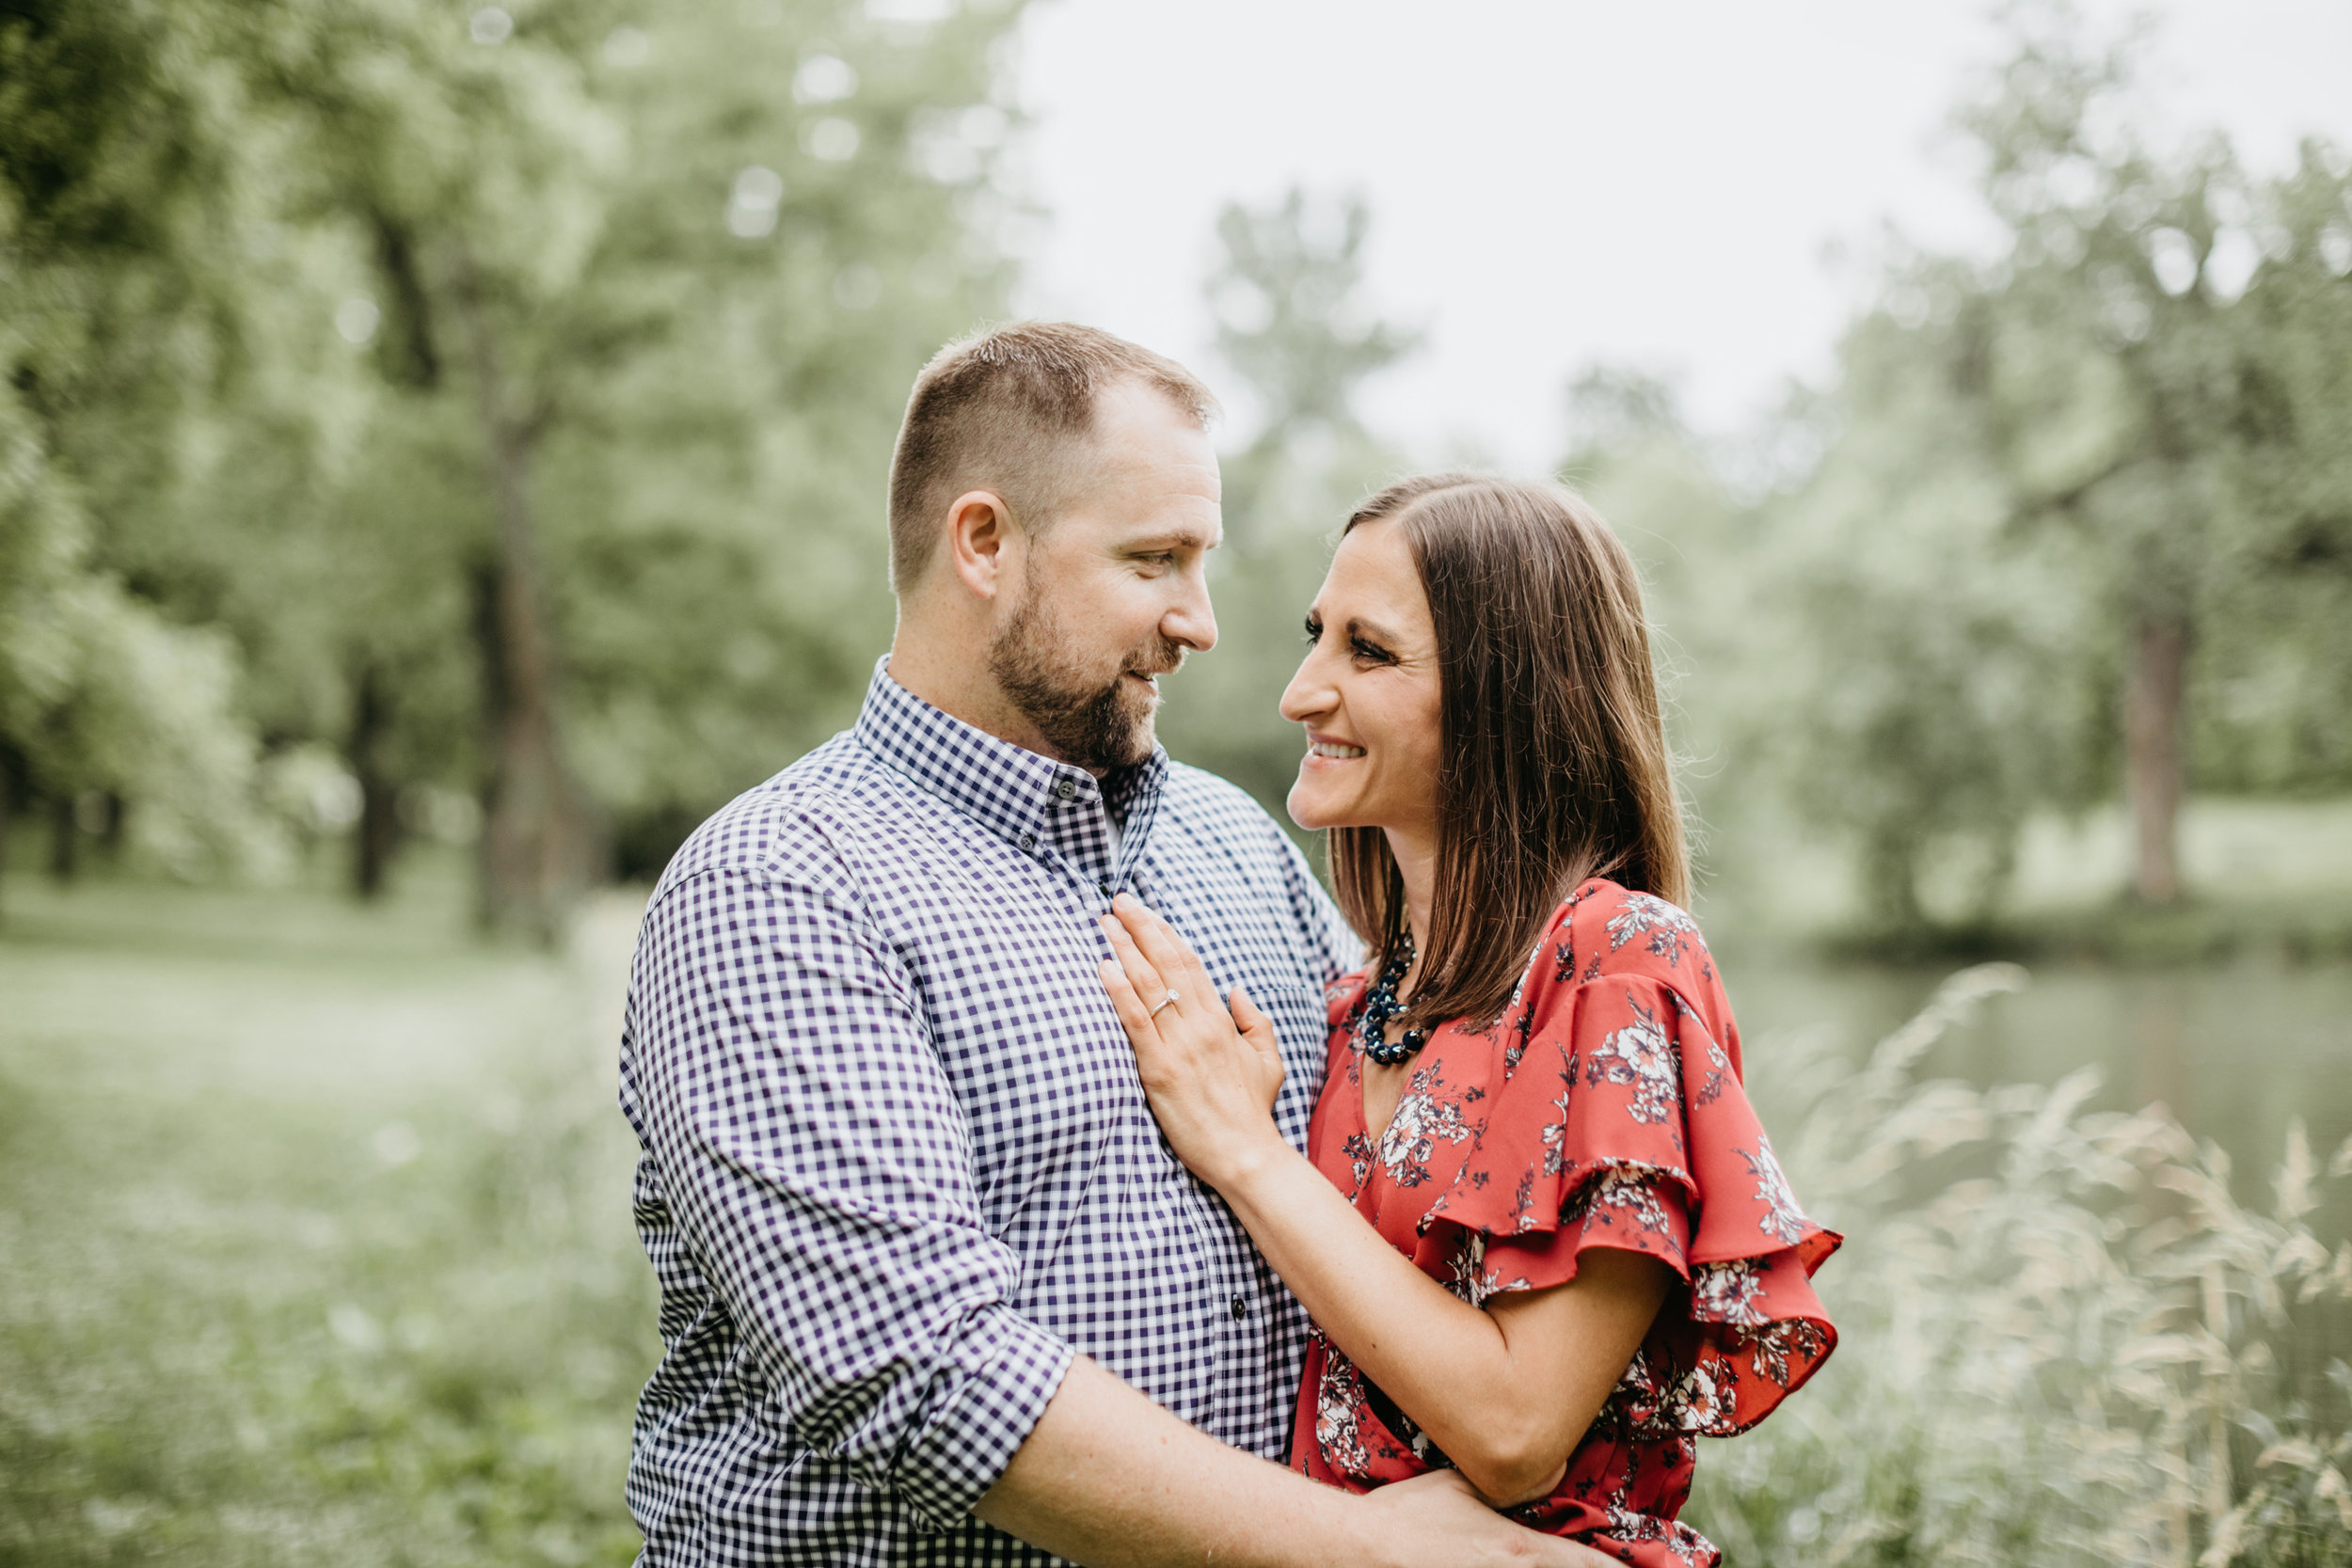 KaylaAndMichael-Engaged-57.jpg